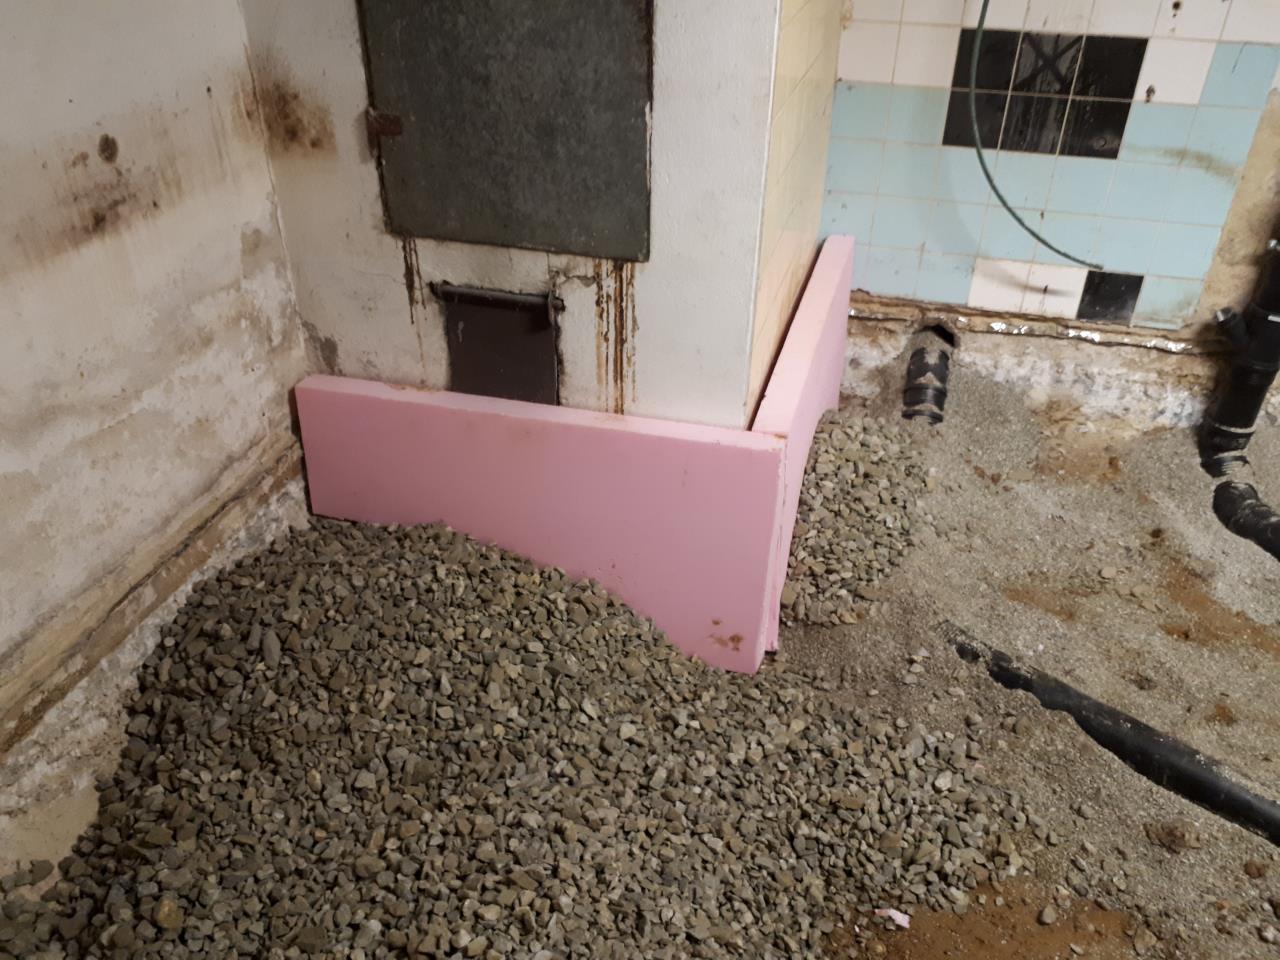 Fußboden Im Keller ~ Boden in keller neu aufbauen seite 2 bauforum auf energiesparhaus.at